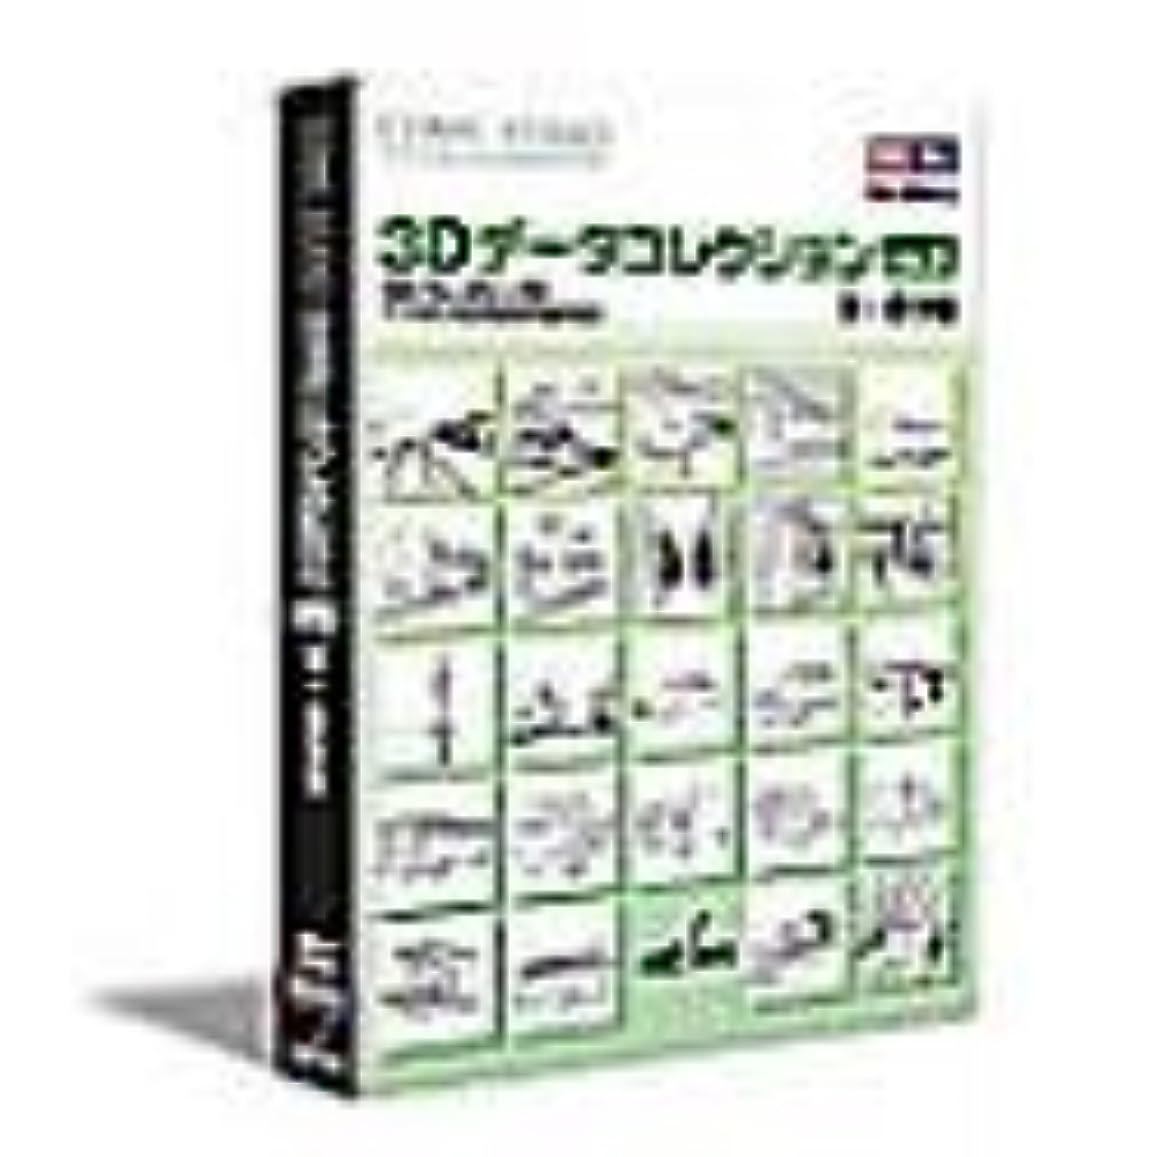 カリキュラムほのか簿記係ComicStudio 3Dデータコレクション Vol.3 駅?乗り物